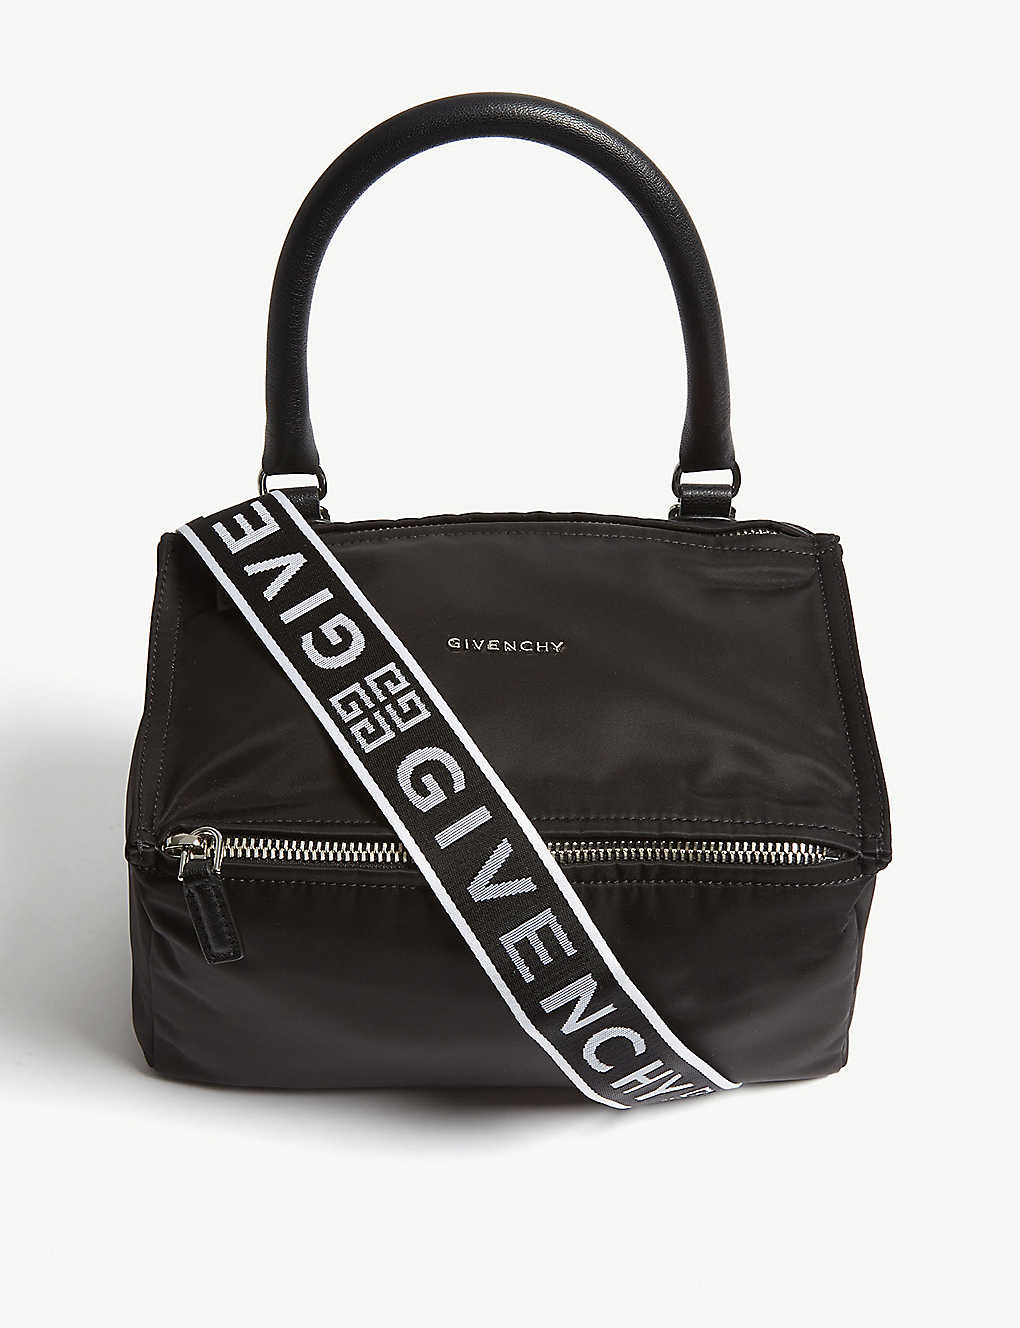 34e2bde5249 GIVENCHY - Pandora small nylon messenger bag | Selfridges.com